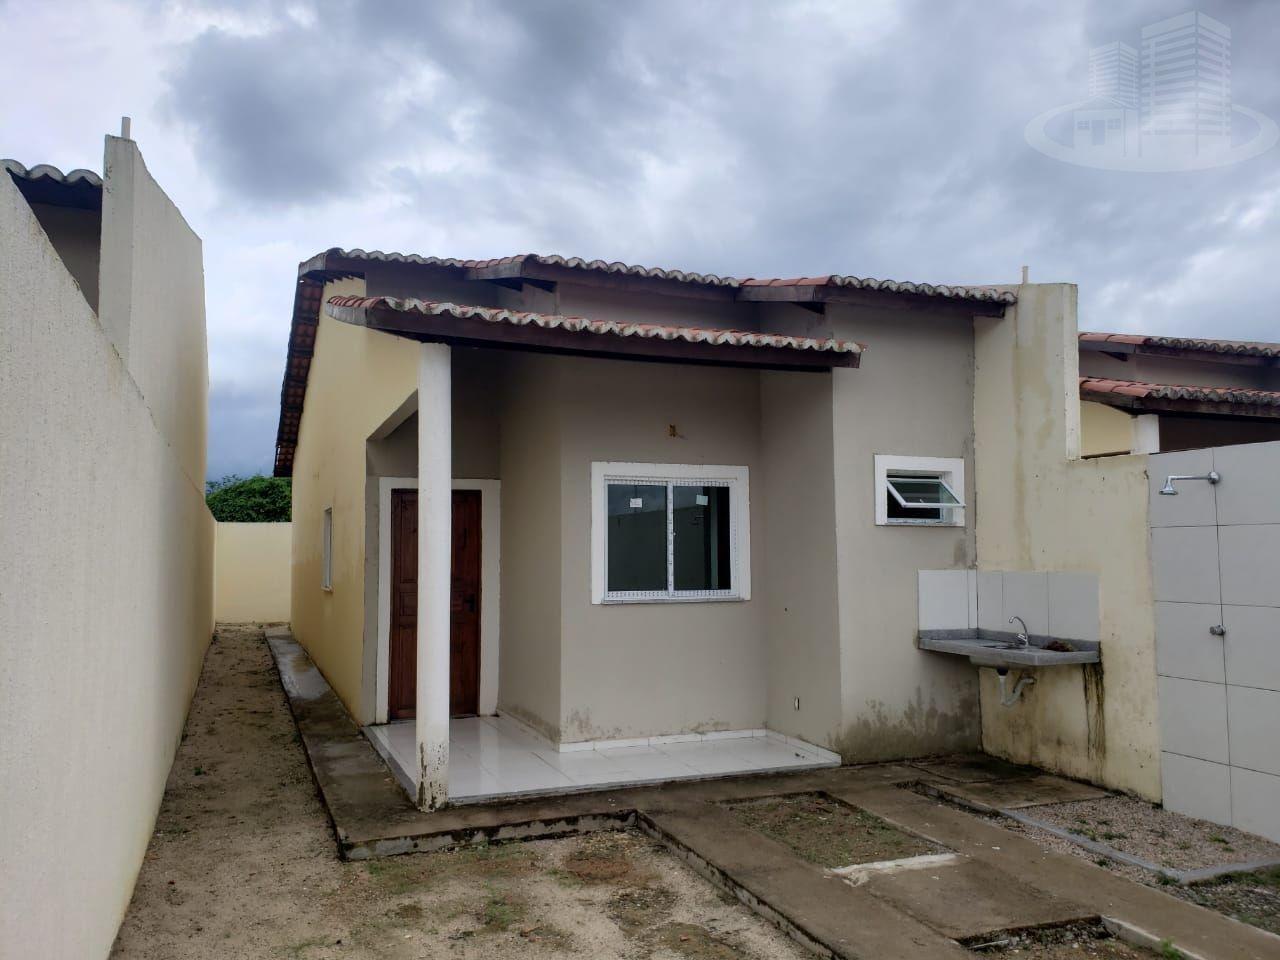 Casa com 2 Dormitórios à venda, 72 m² por R$ 135.000,00